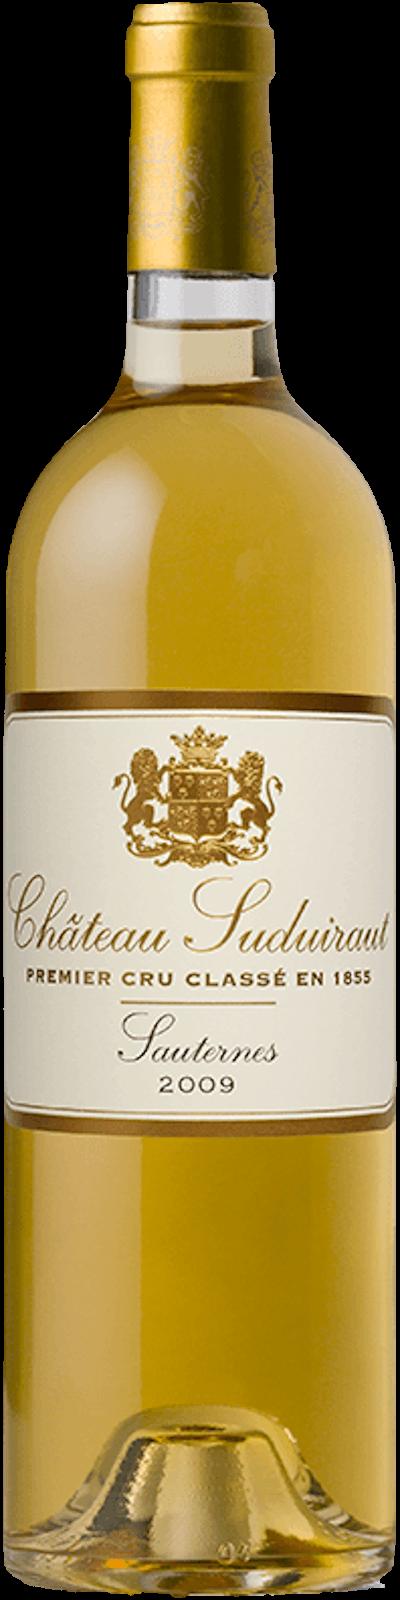 Château Suduiraut - Sauternes Grand Cru Classé Halbflasche